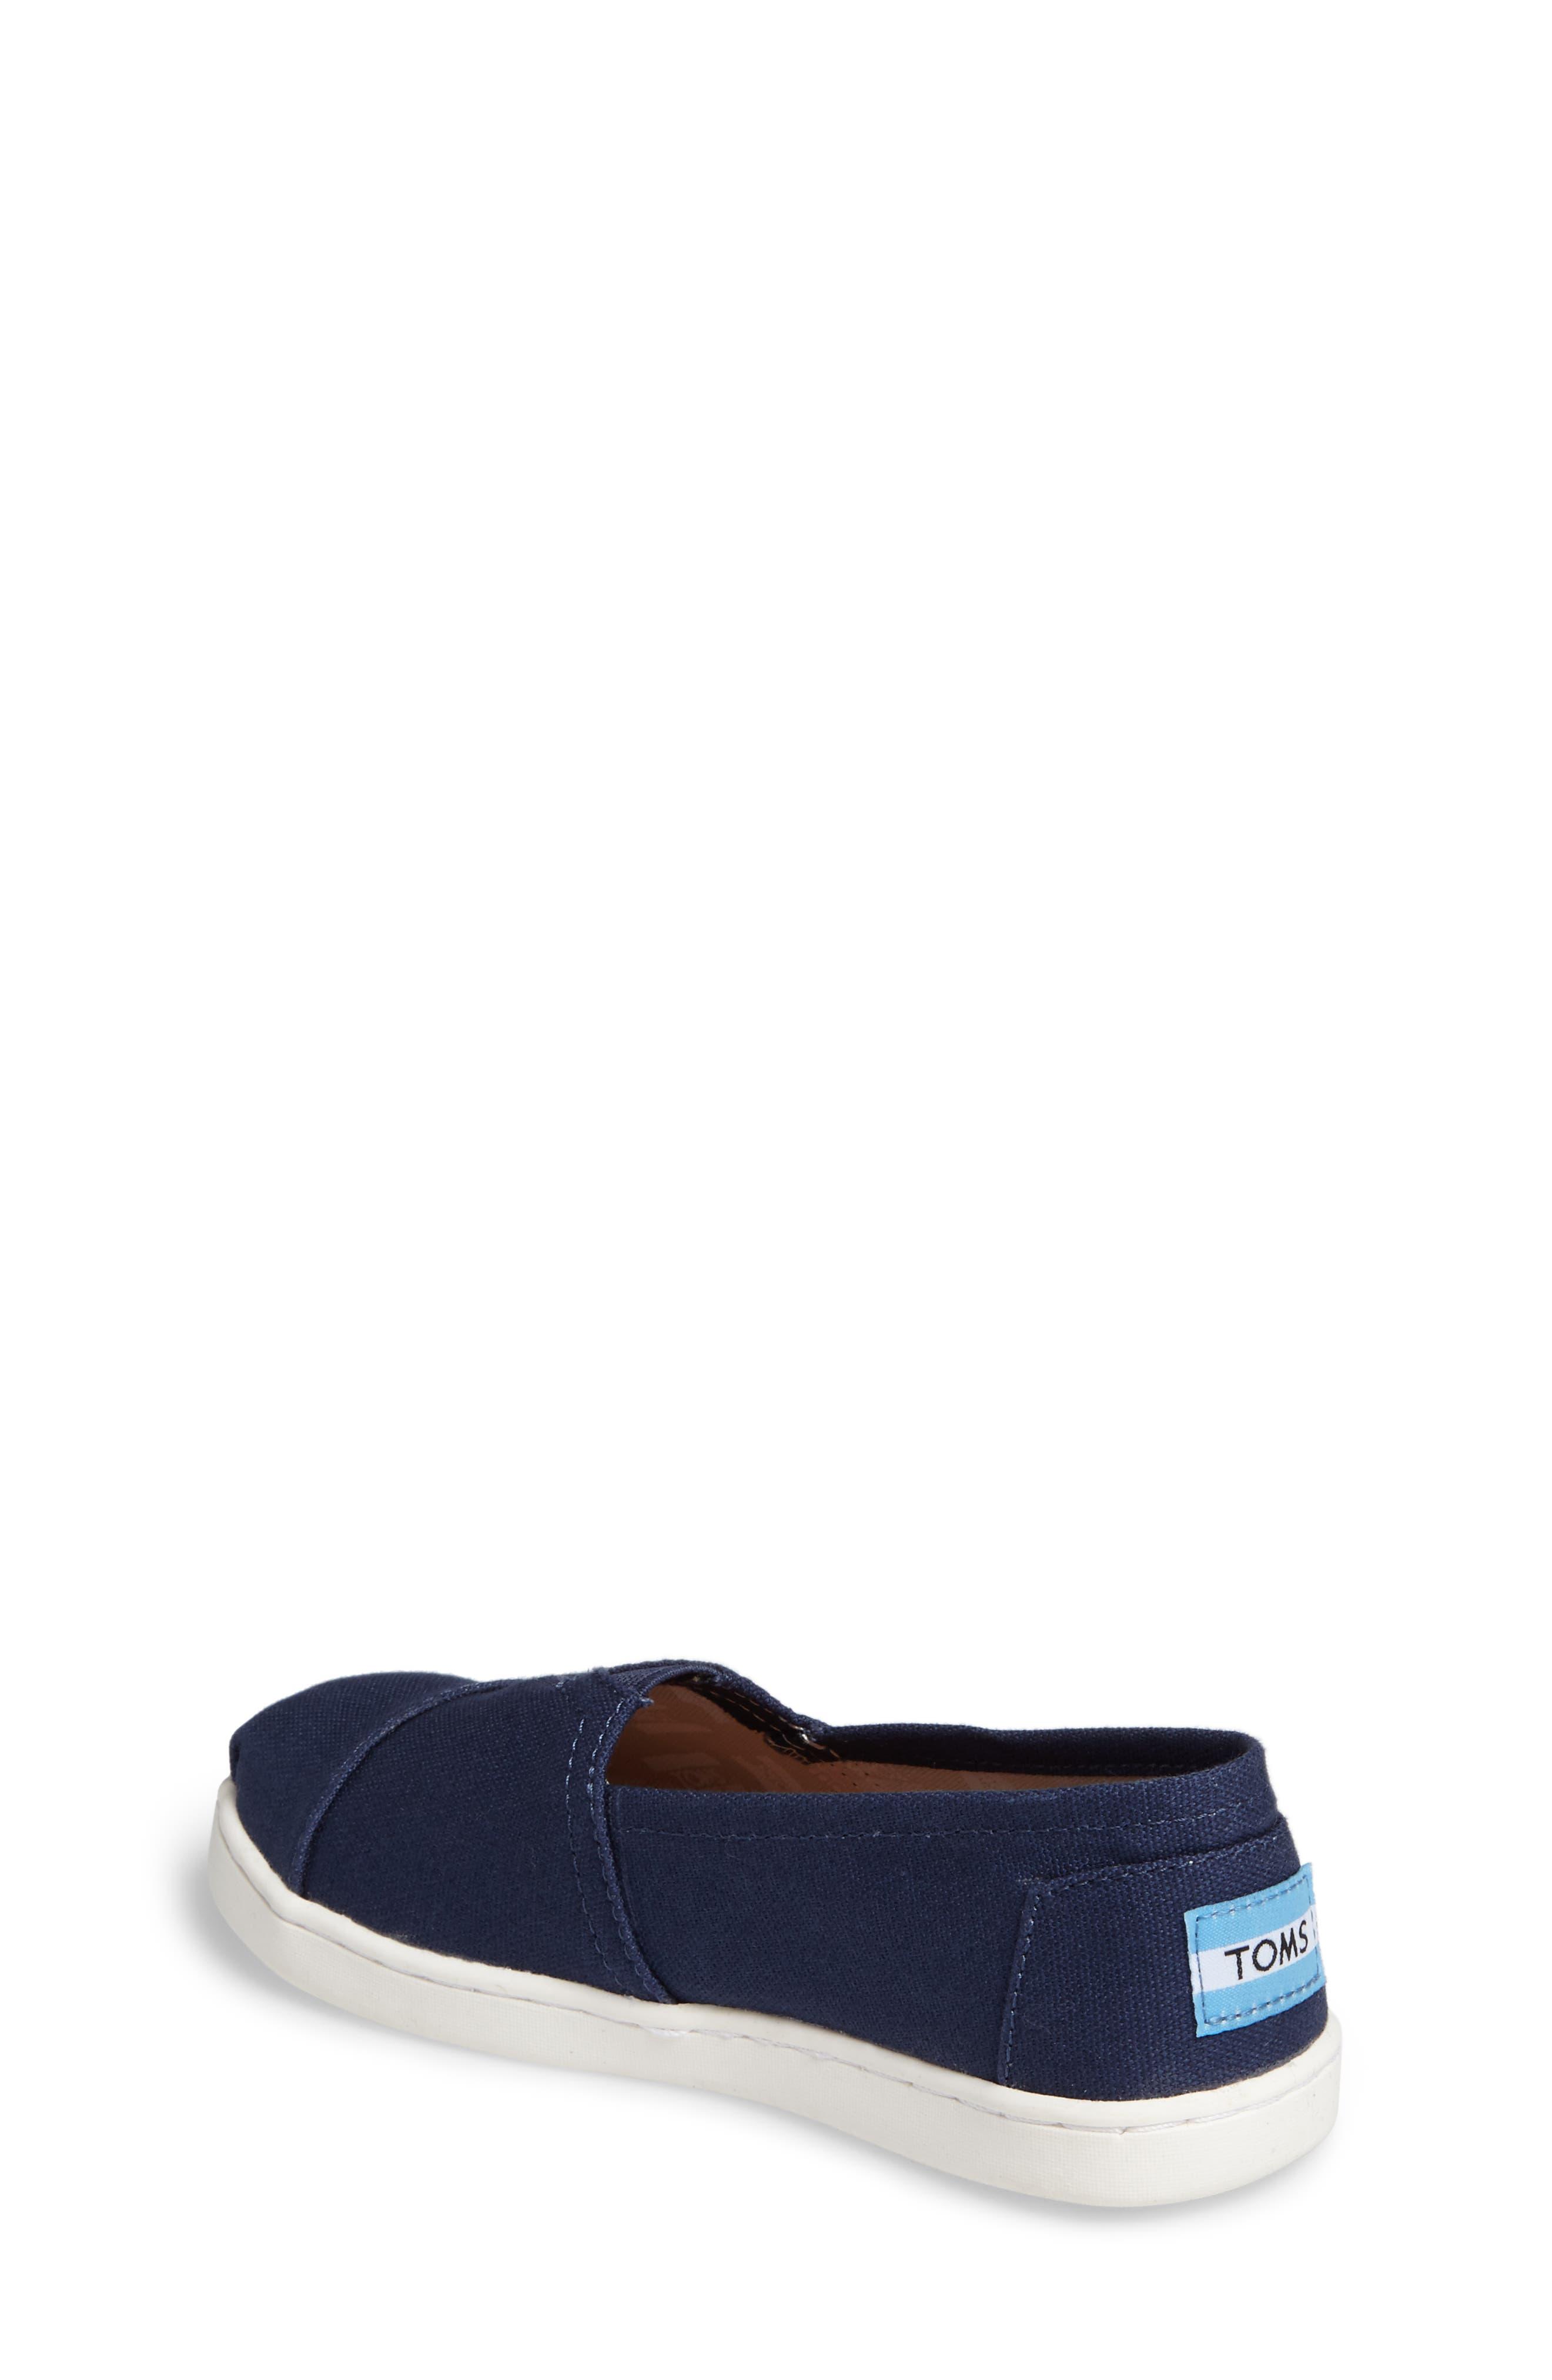 8c2e7e3e46c Kids  TOMS Shoes